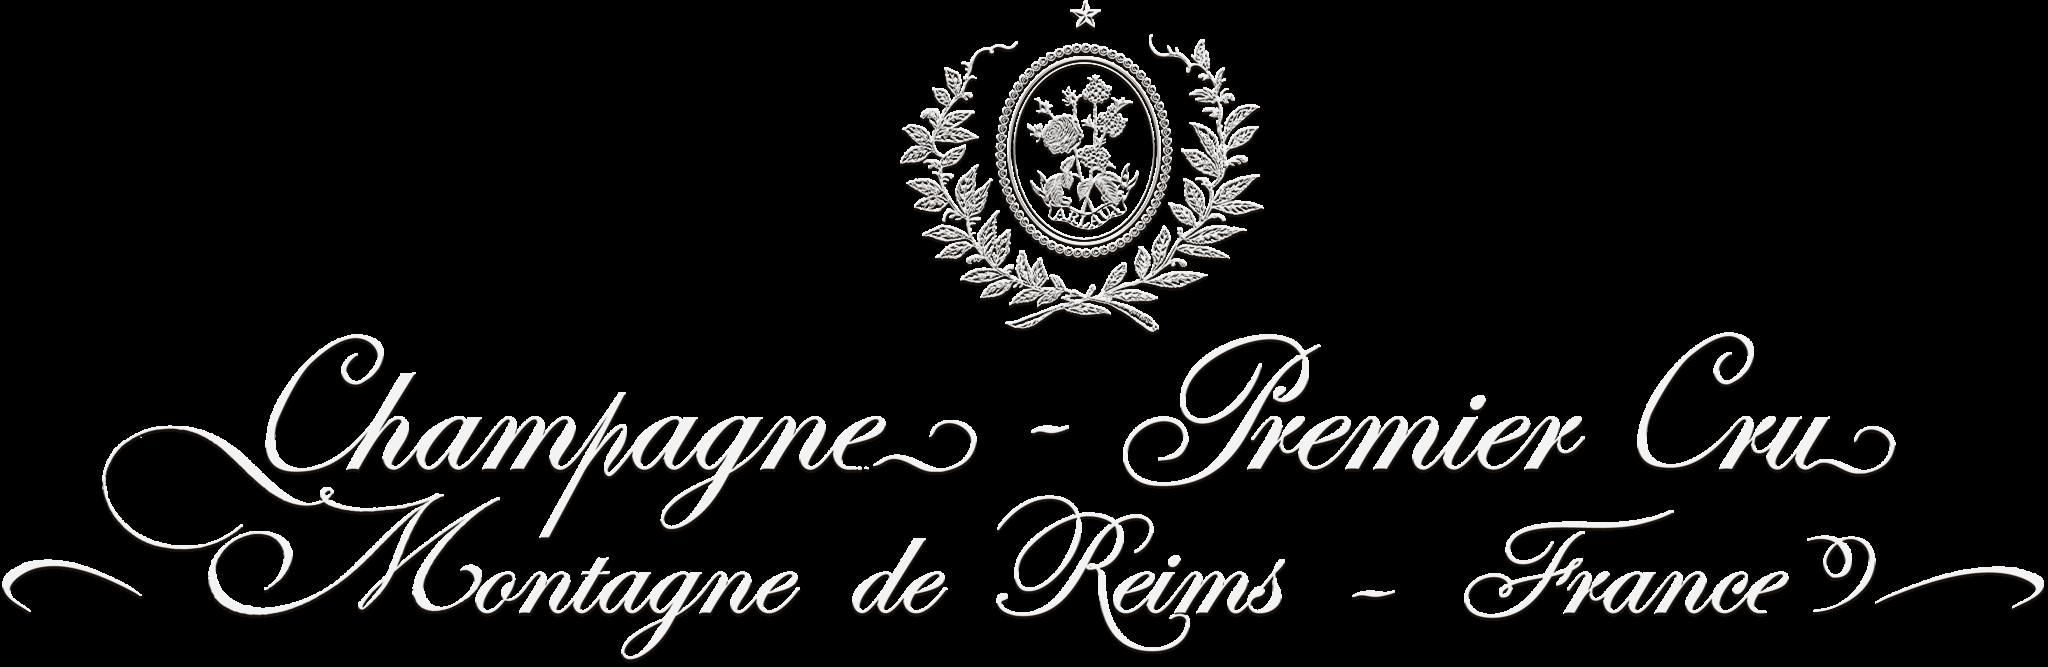 Arlaux Champagne Avec de fines bulles et des arômes délicats, les Champagnes Arlaux sont uniques depuis 1826. L'ABUS D'ALCOOL EST DANGEREUX POUR LA SANTÉ. À CONSOMMER AVEC MODÉRATION